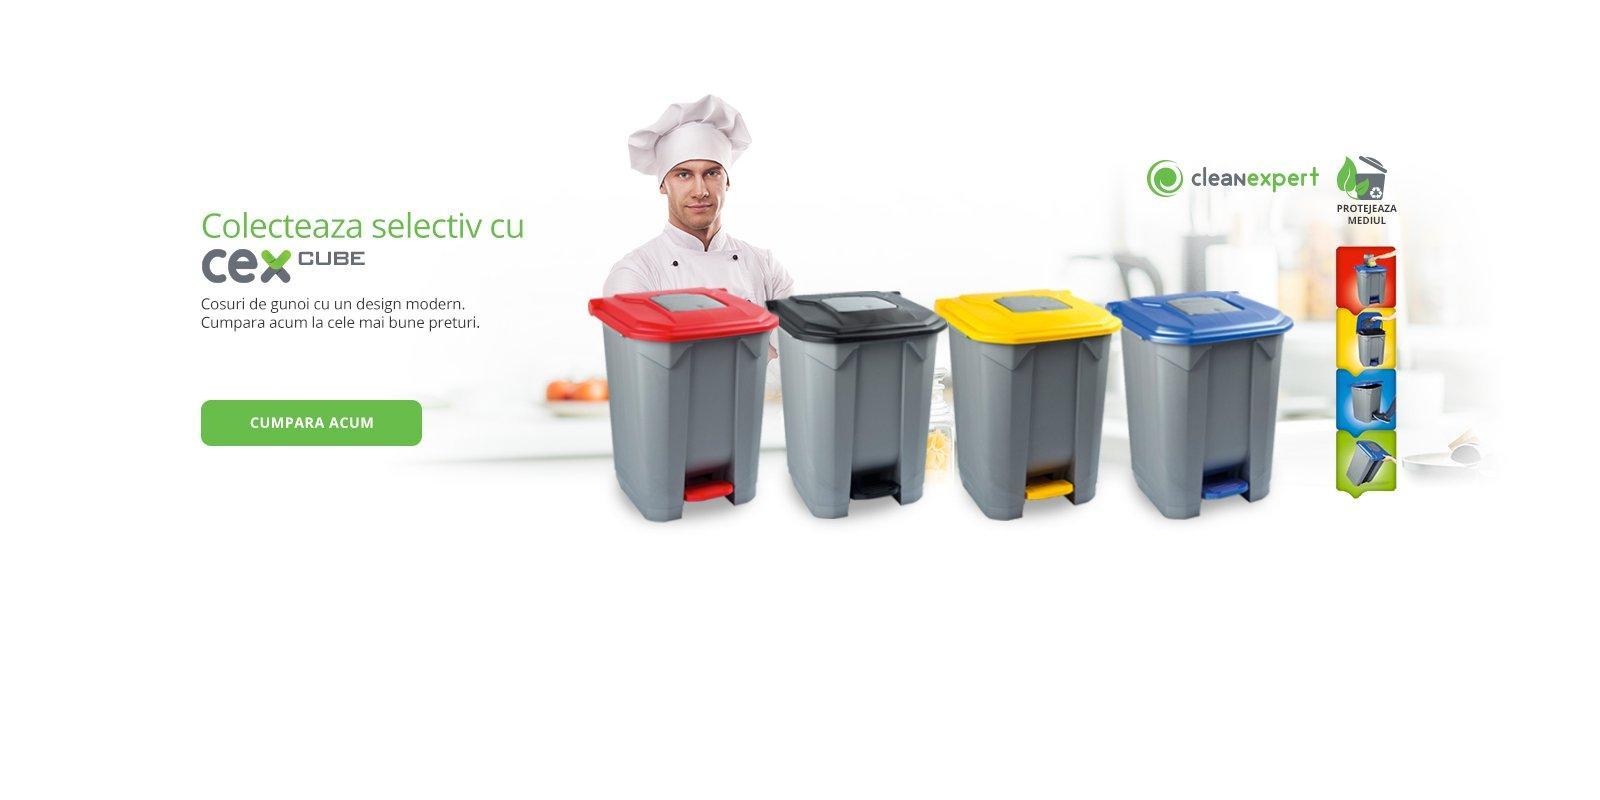 Cosuri de gunoi | Cleanexpert